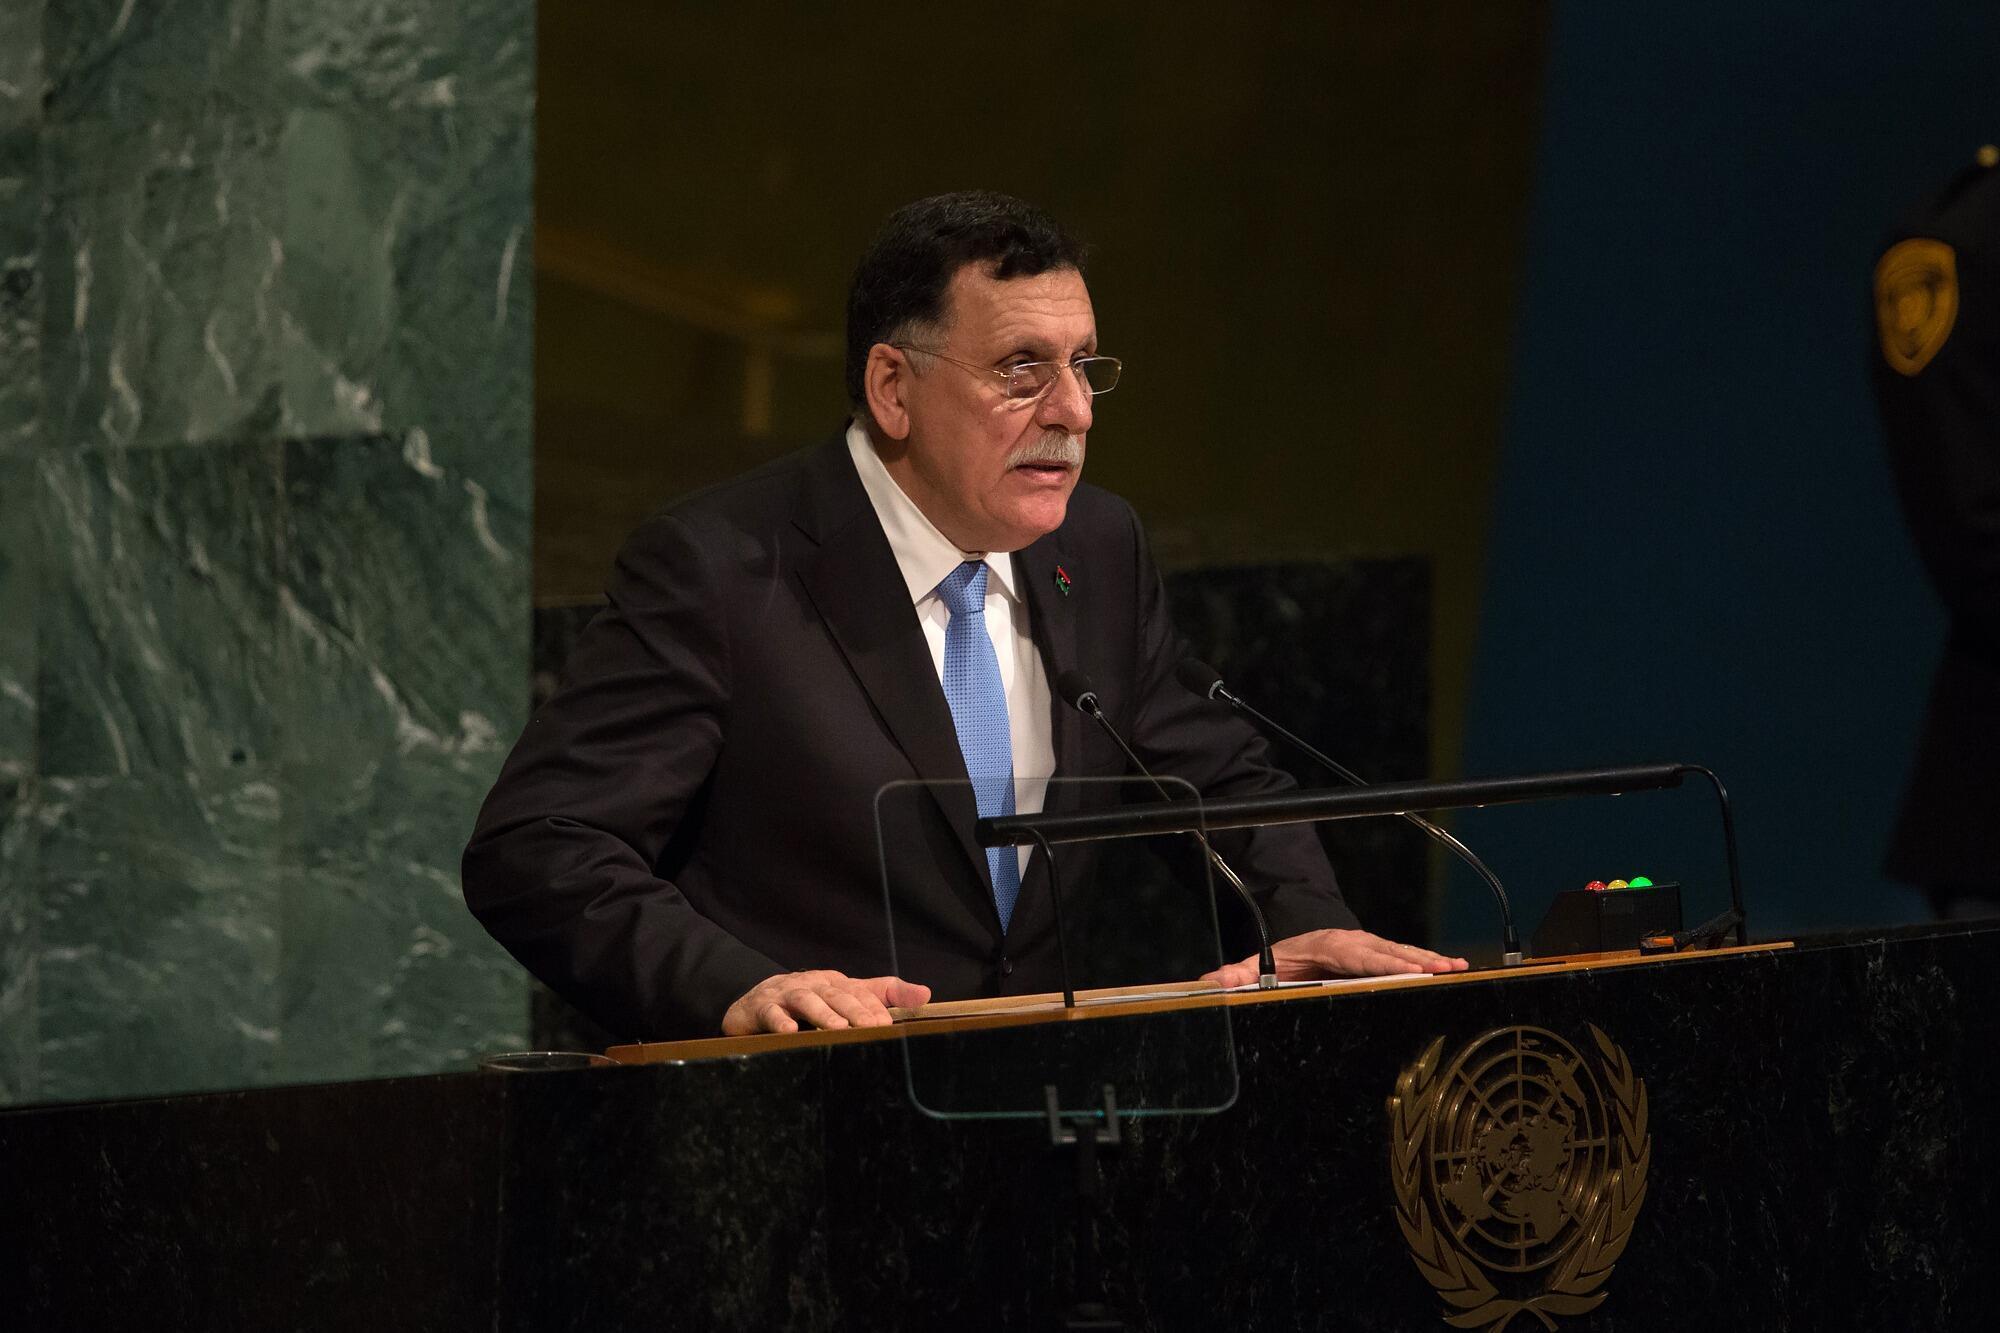 فايز السراج، رئيس حكومة الوفاق الوطني الليبية إحدى الحكومتين المتنازعتين في البلد، أمام الجمعية العامة للأمم المتحدة في نيويورك، 20 سبتمبر/أيلول 2017.